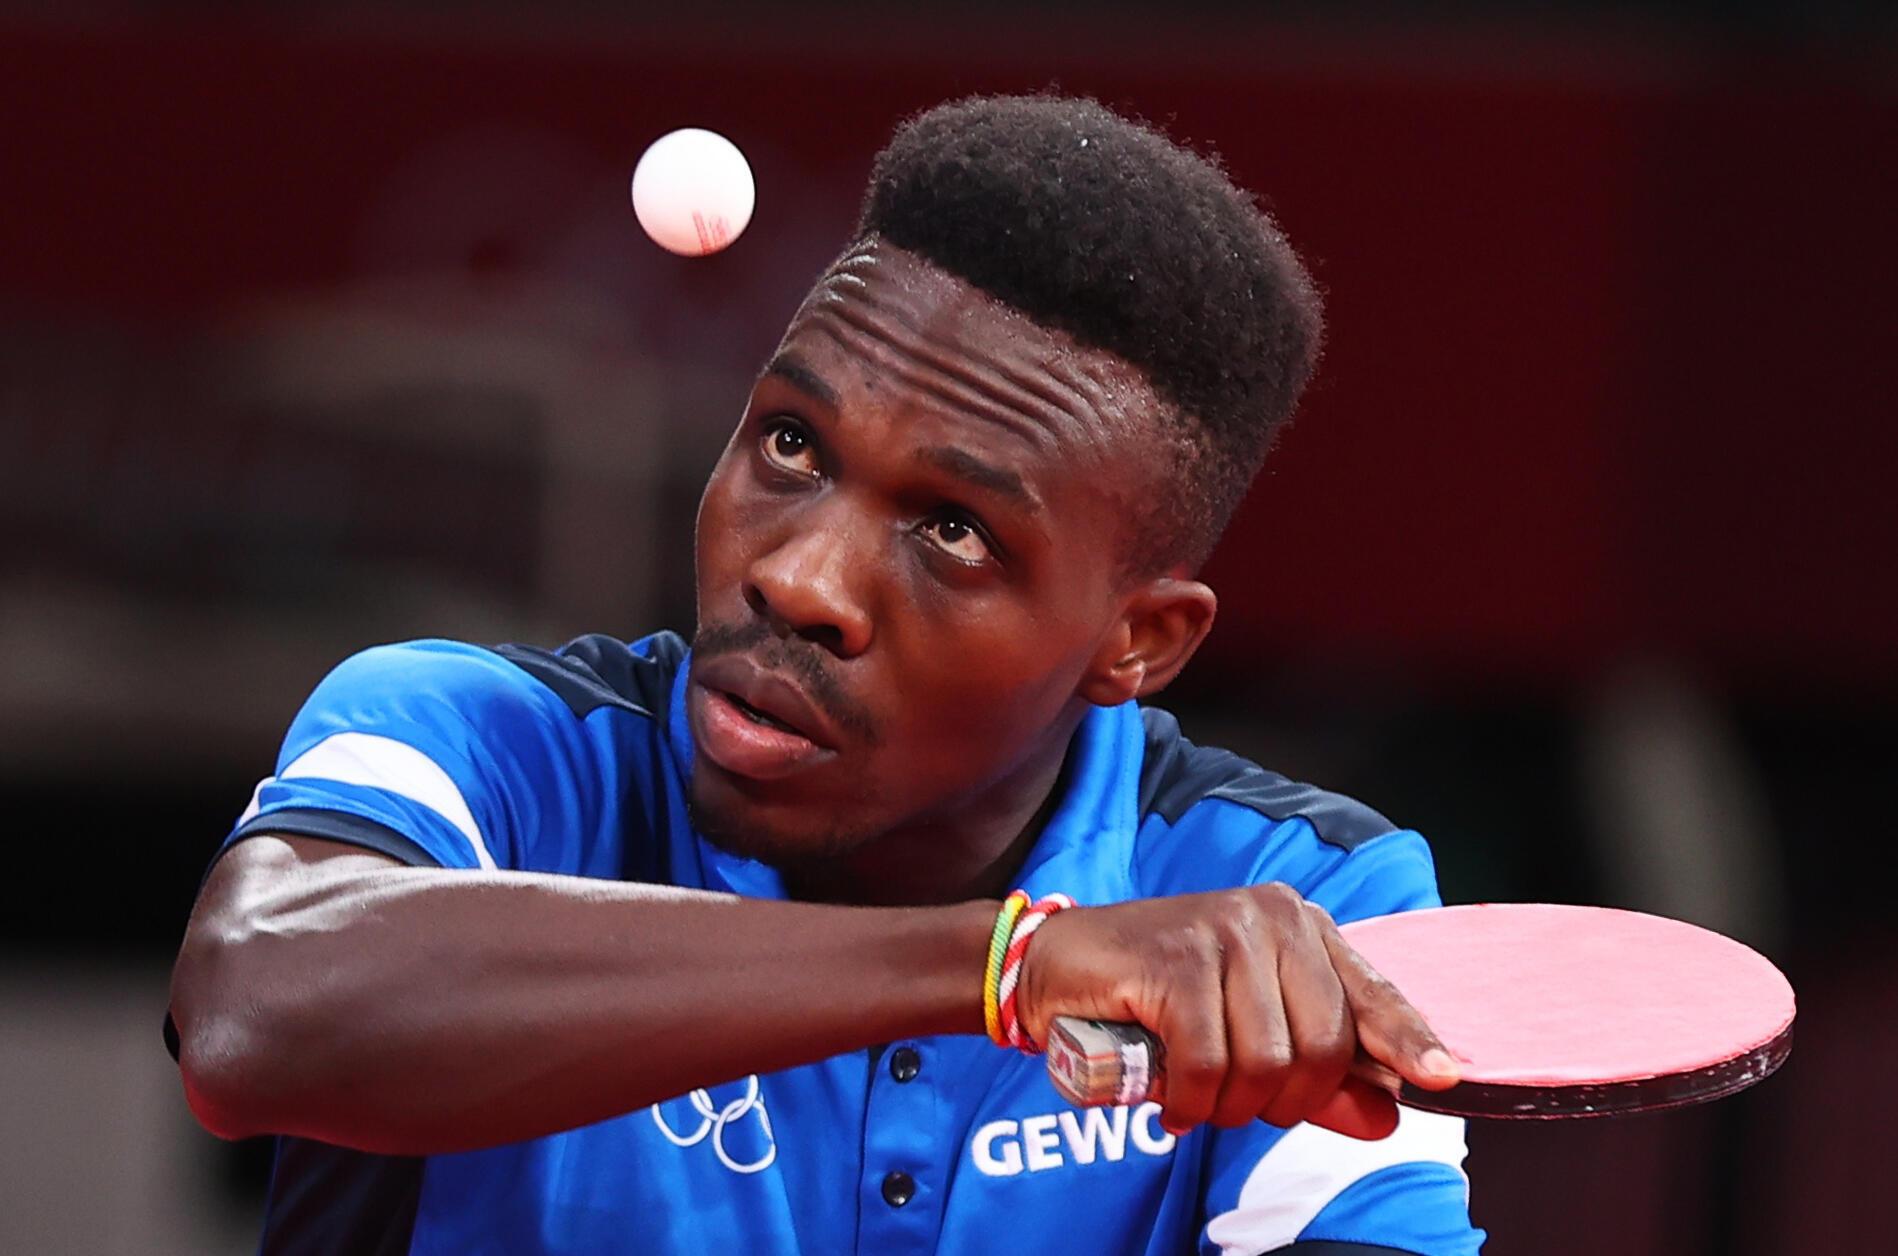 Le pongiste togolais Kokou Dodji Fanny lors des Jeux olympiques de Tokyo 2021.